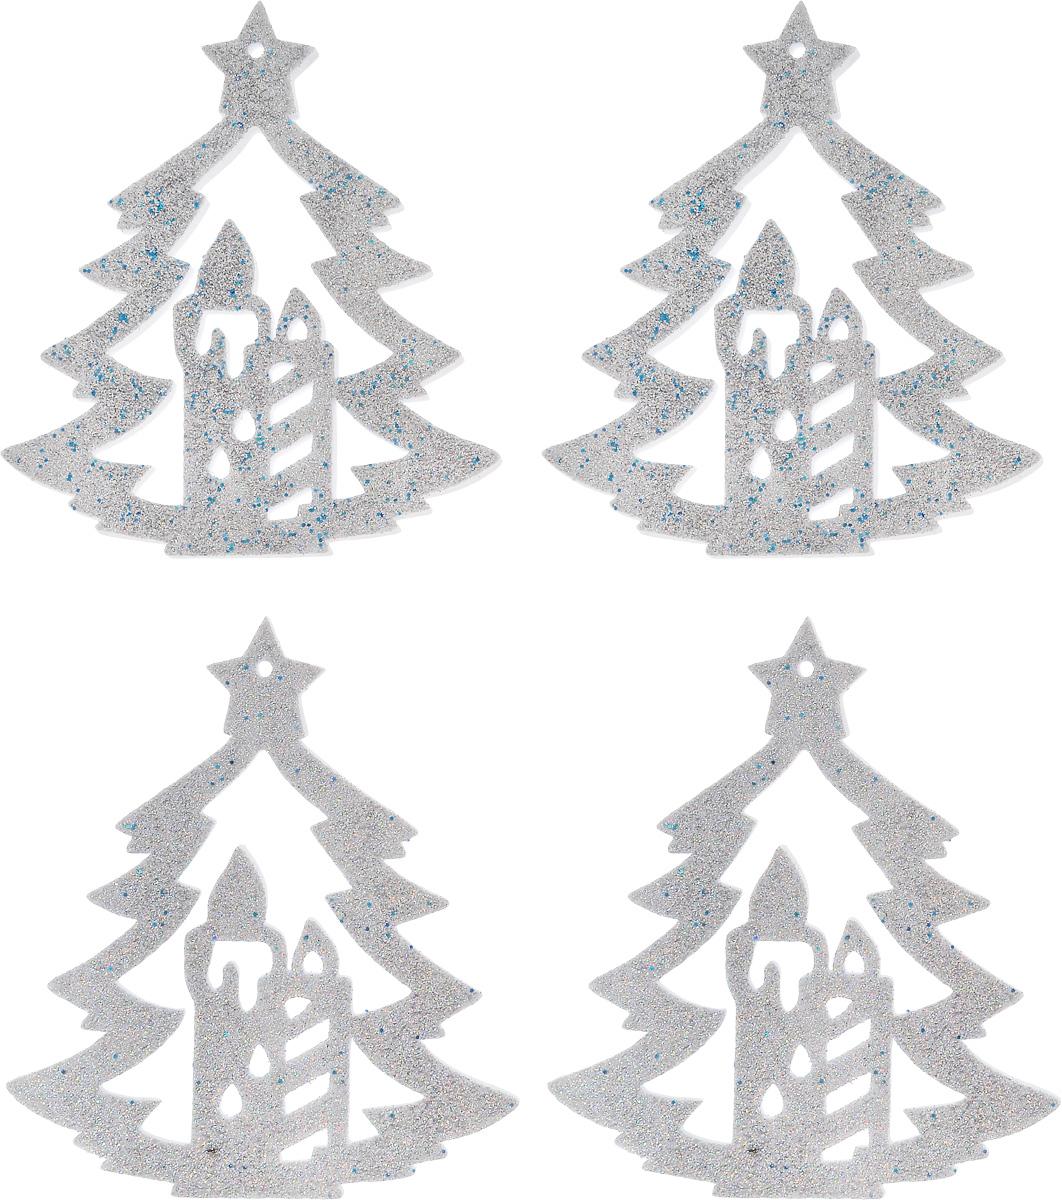 Набор новогодних подвесных украшений House & Holder Елка, цвет: серебристый, 4 штC0038550Набор подвесных украшений House & Holder Елка прекрасно подойдет для праздничного декора новогодней ели. Набор состоит из 4 пластиковых украшений.Елочная игрушка - символ Нового года. Она несет в себе волшебство и красоту праздника. Создайте в своем доме атмосферу веселья и радости, украшая новогоднюю елку нарядными игрушками, которые будут из года в год накапливать теплоту воспоминаний. Откройте для себя удивительный мир сказок и грез. Почувствуйте волшебные минуты ожидания праздника, создайте новогоднее настроение вашим дорогим и близким.Размер: 11 х 0,5 х 12,5 см.